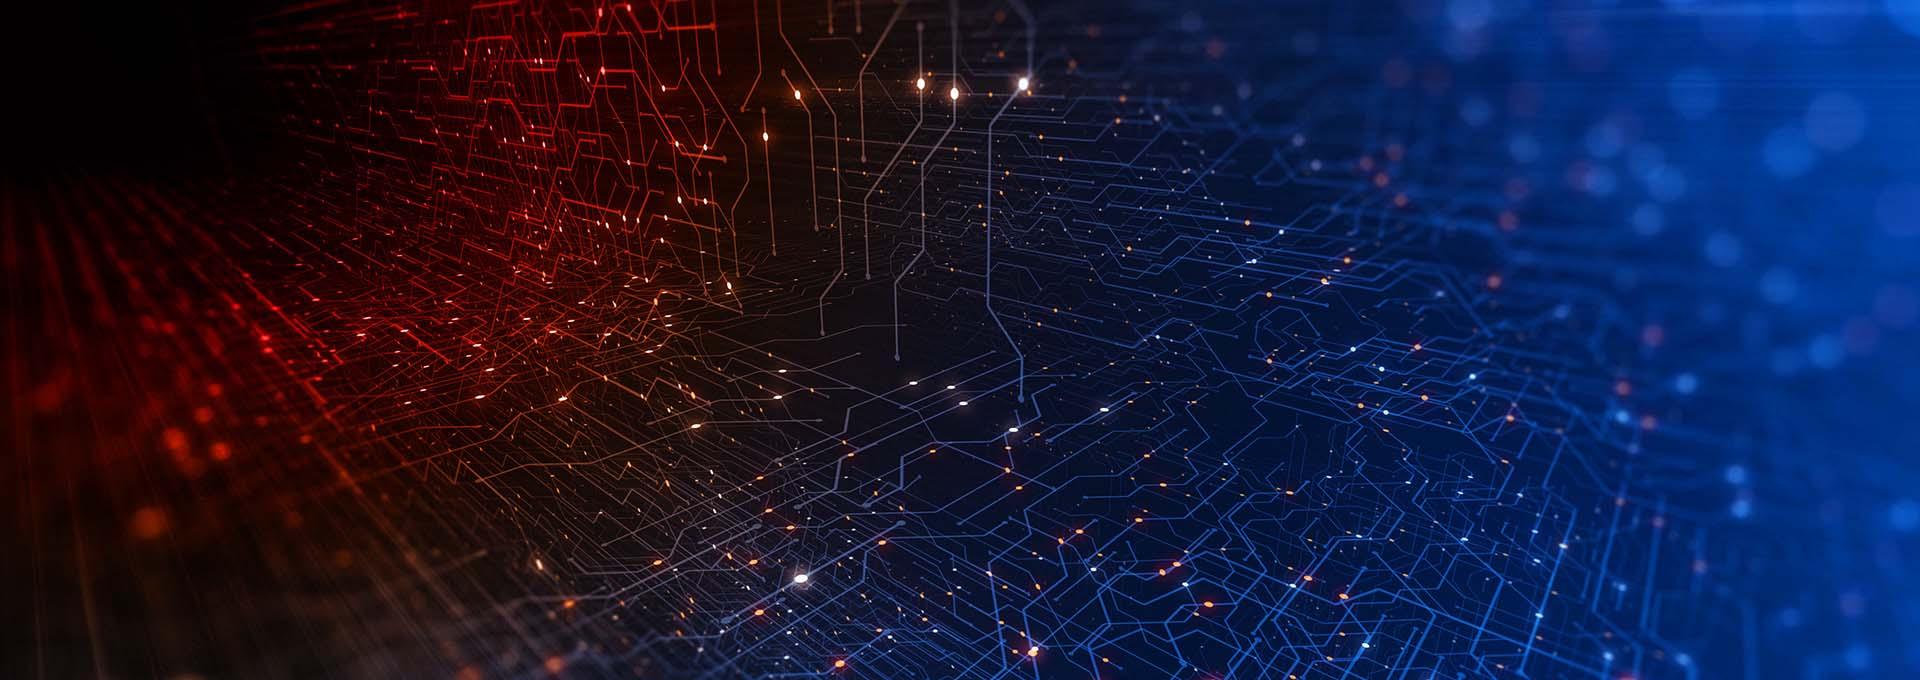 Et netværk af forbundne røde og blå prikker, som symboliserer den digitale verden i vores tilpasningssoftware Oasisnxt